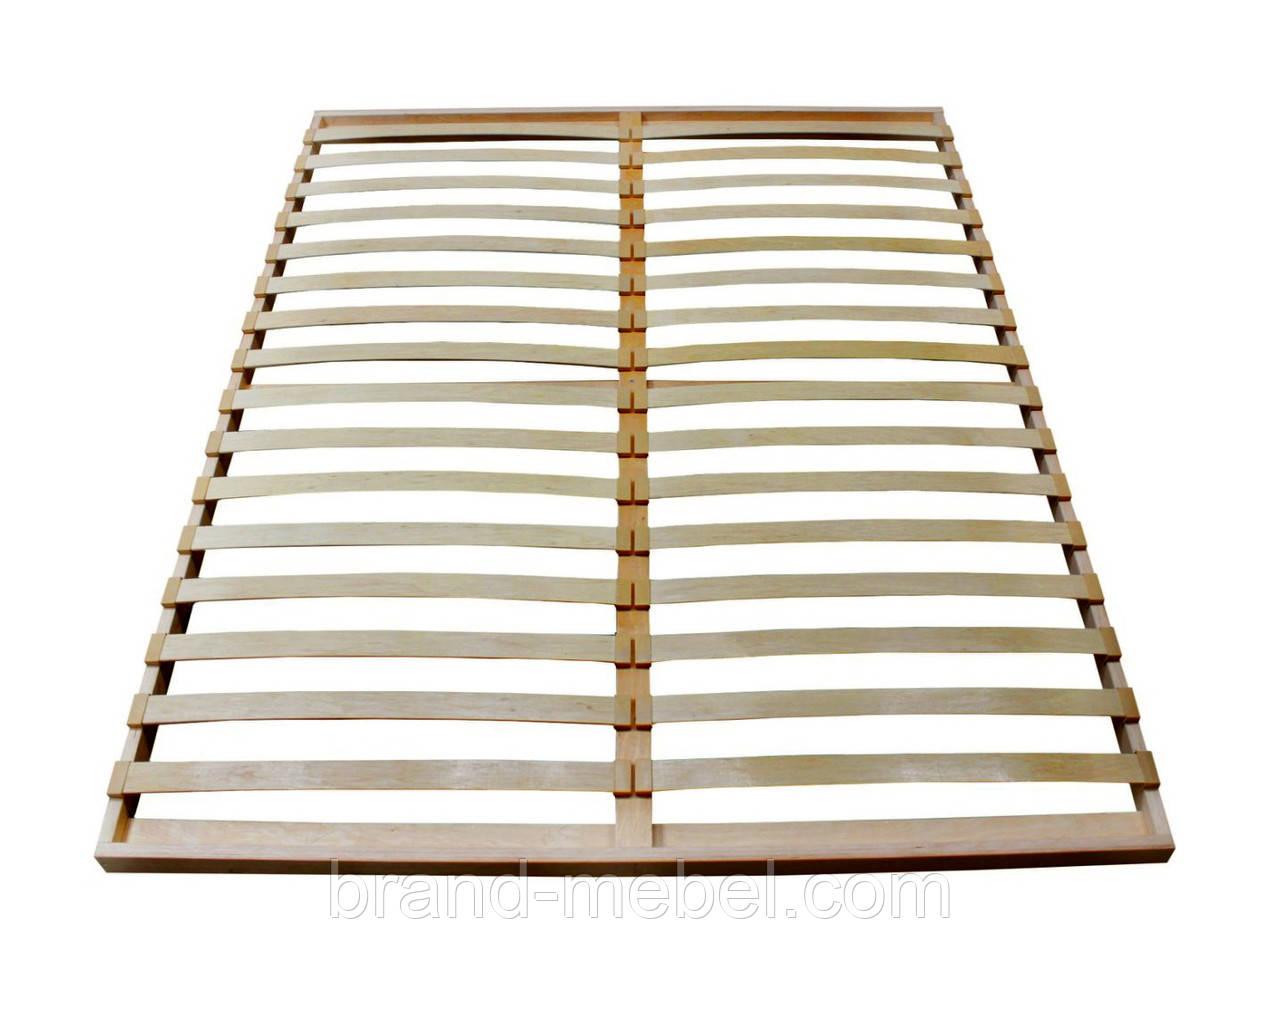 Каркас ліжка дерев'яний розбірний 200*180см